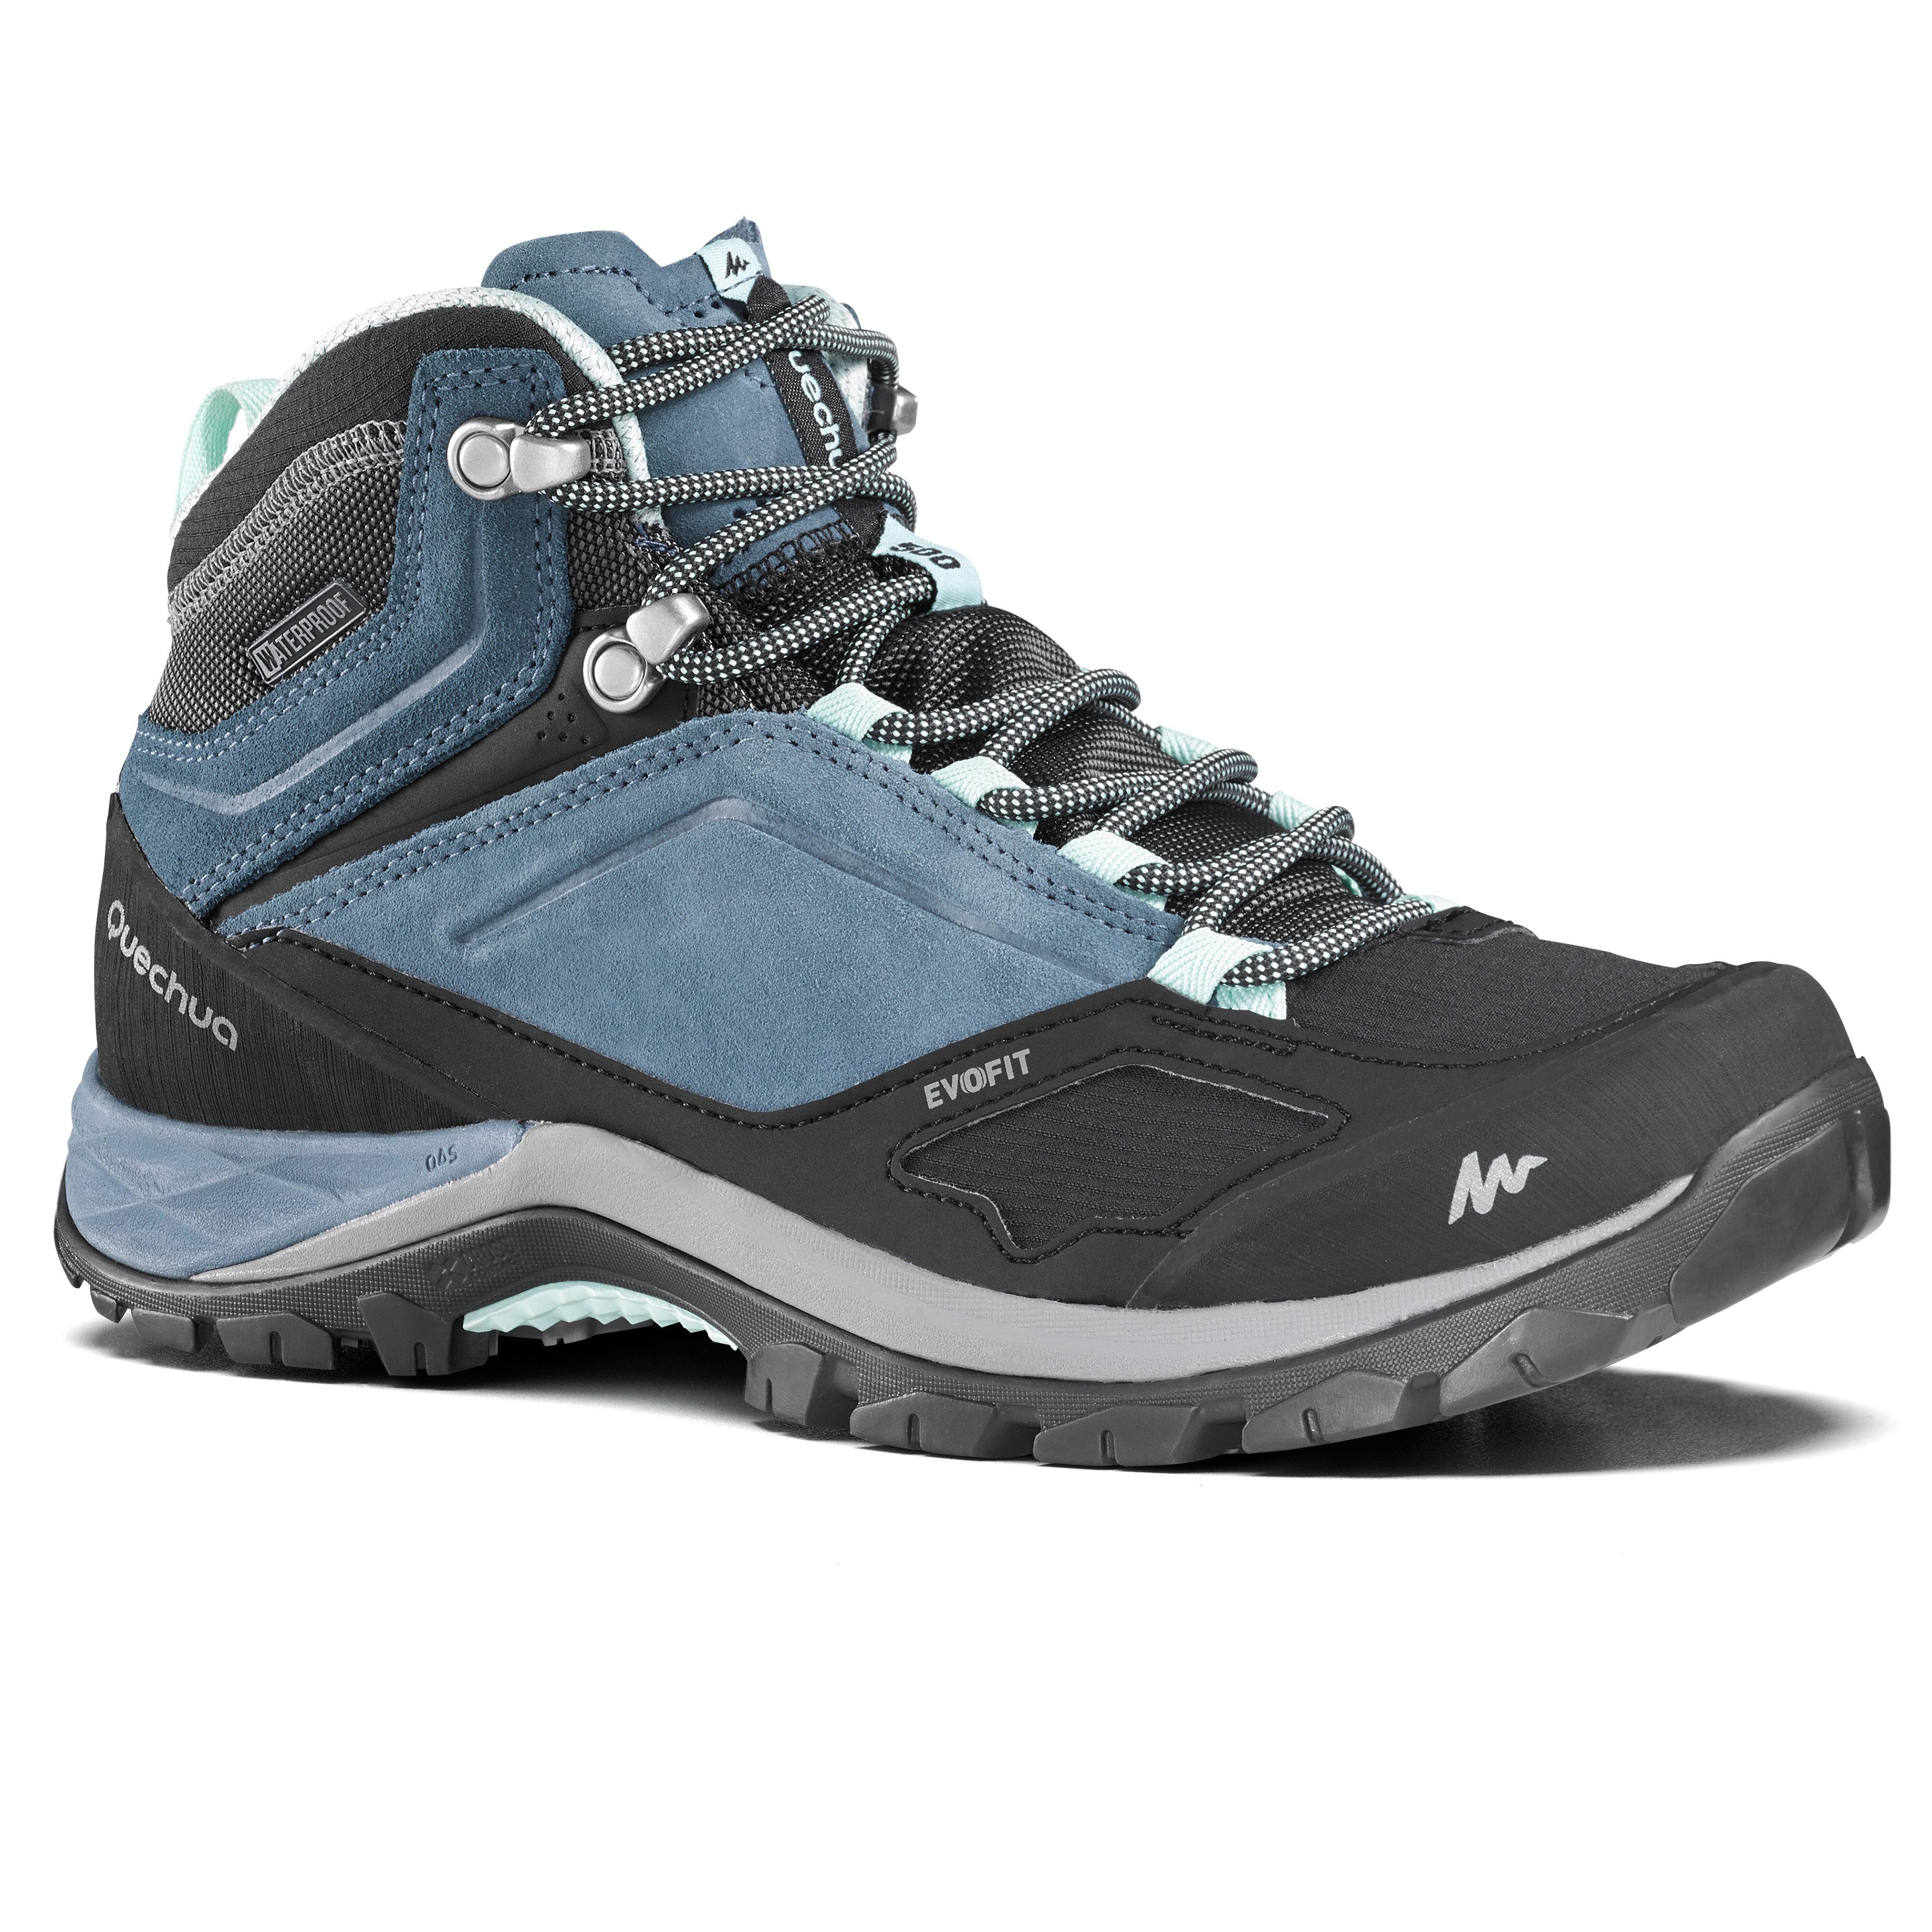 b727bb00c0 Comprar Botas y Zapatillas de Gore-tex e Impermeables de Mujer | Decathlon